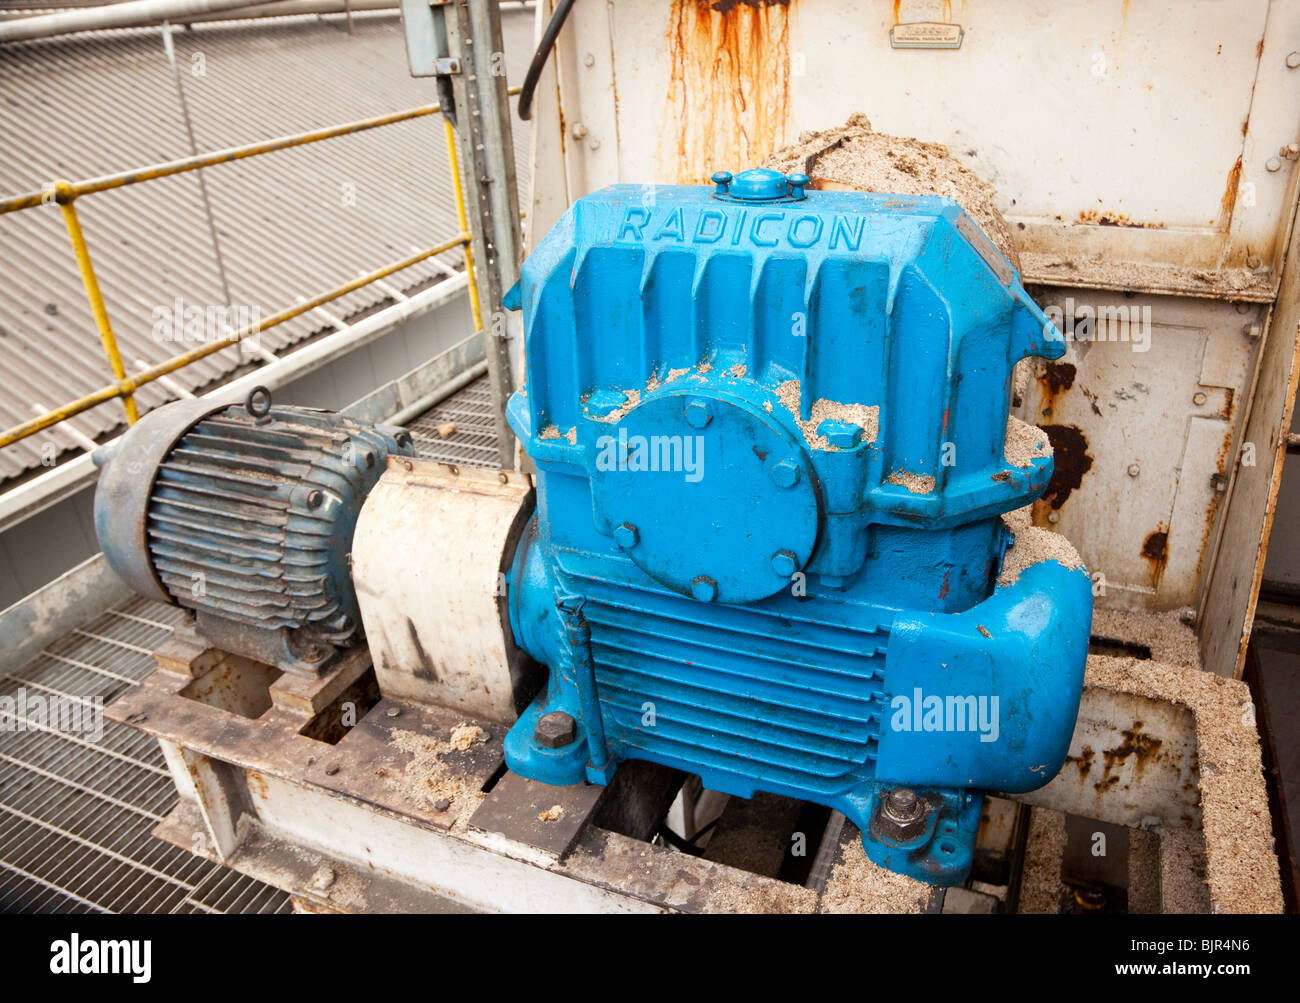 Motore elettrico cambio sui macchinari in uno stabilimento nel Regno Unito Immagini Stock